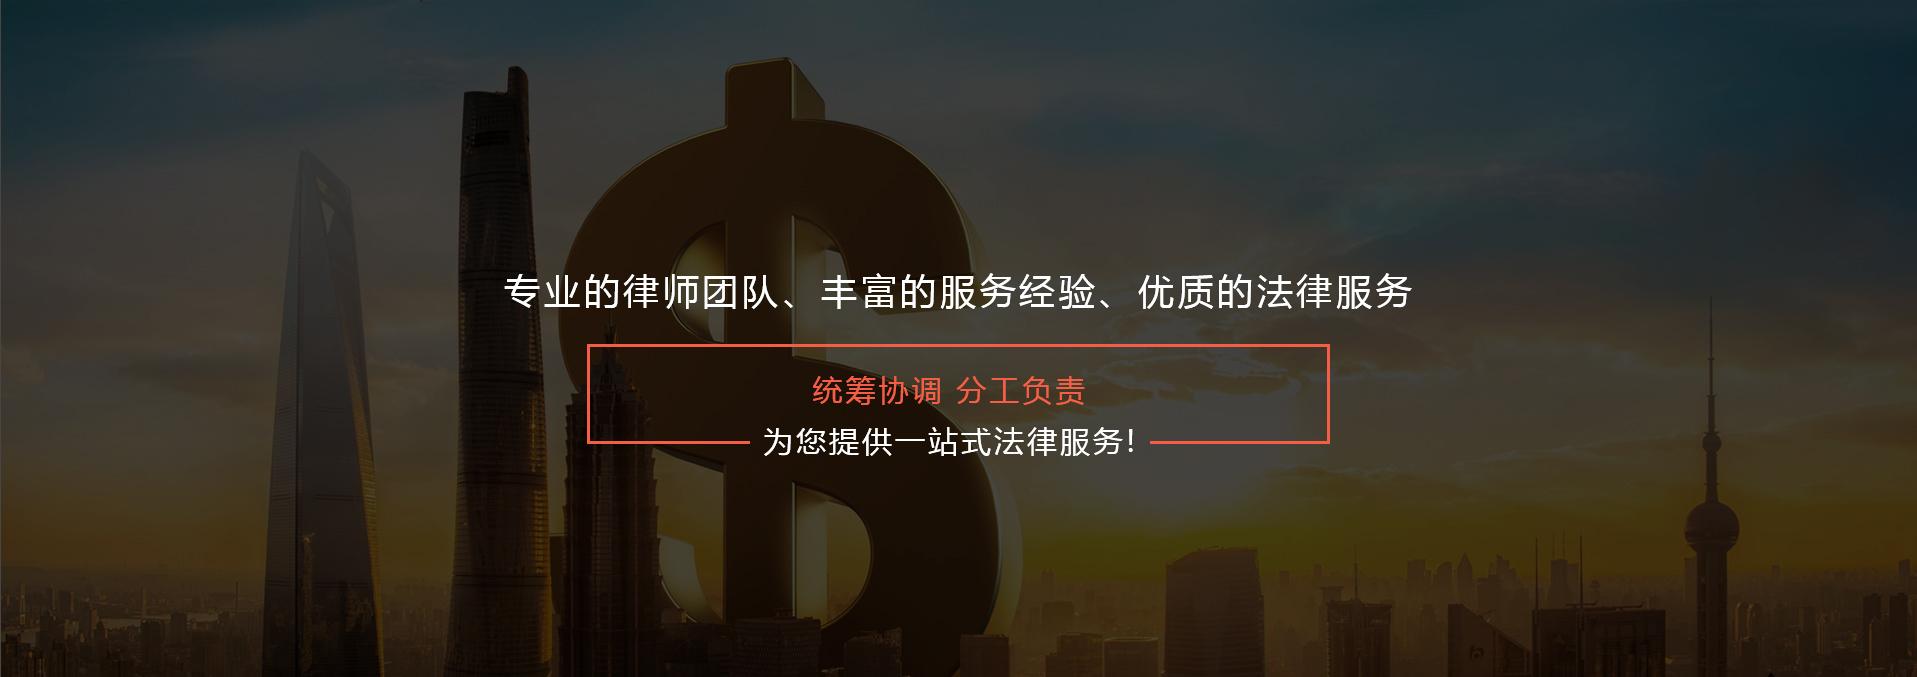 上海产业金融律师